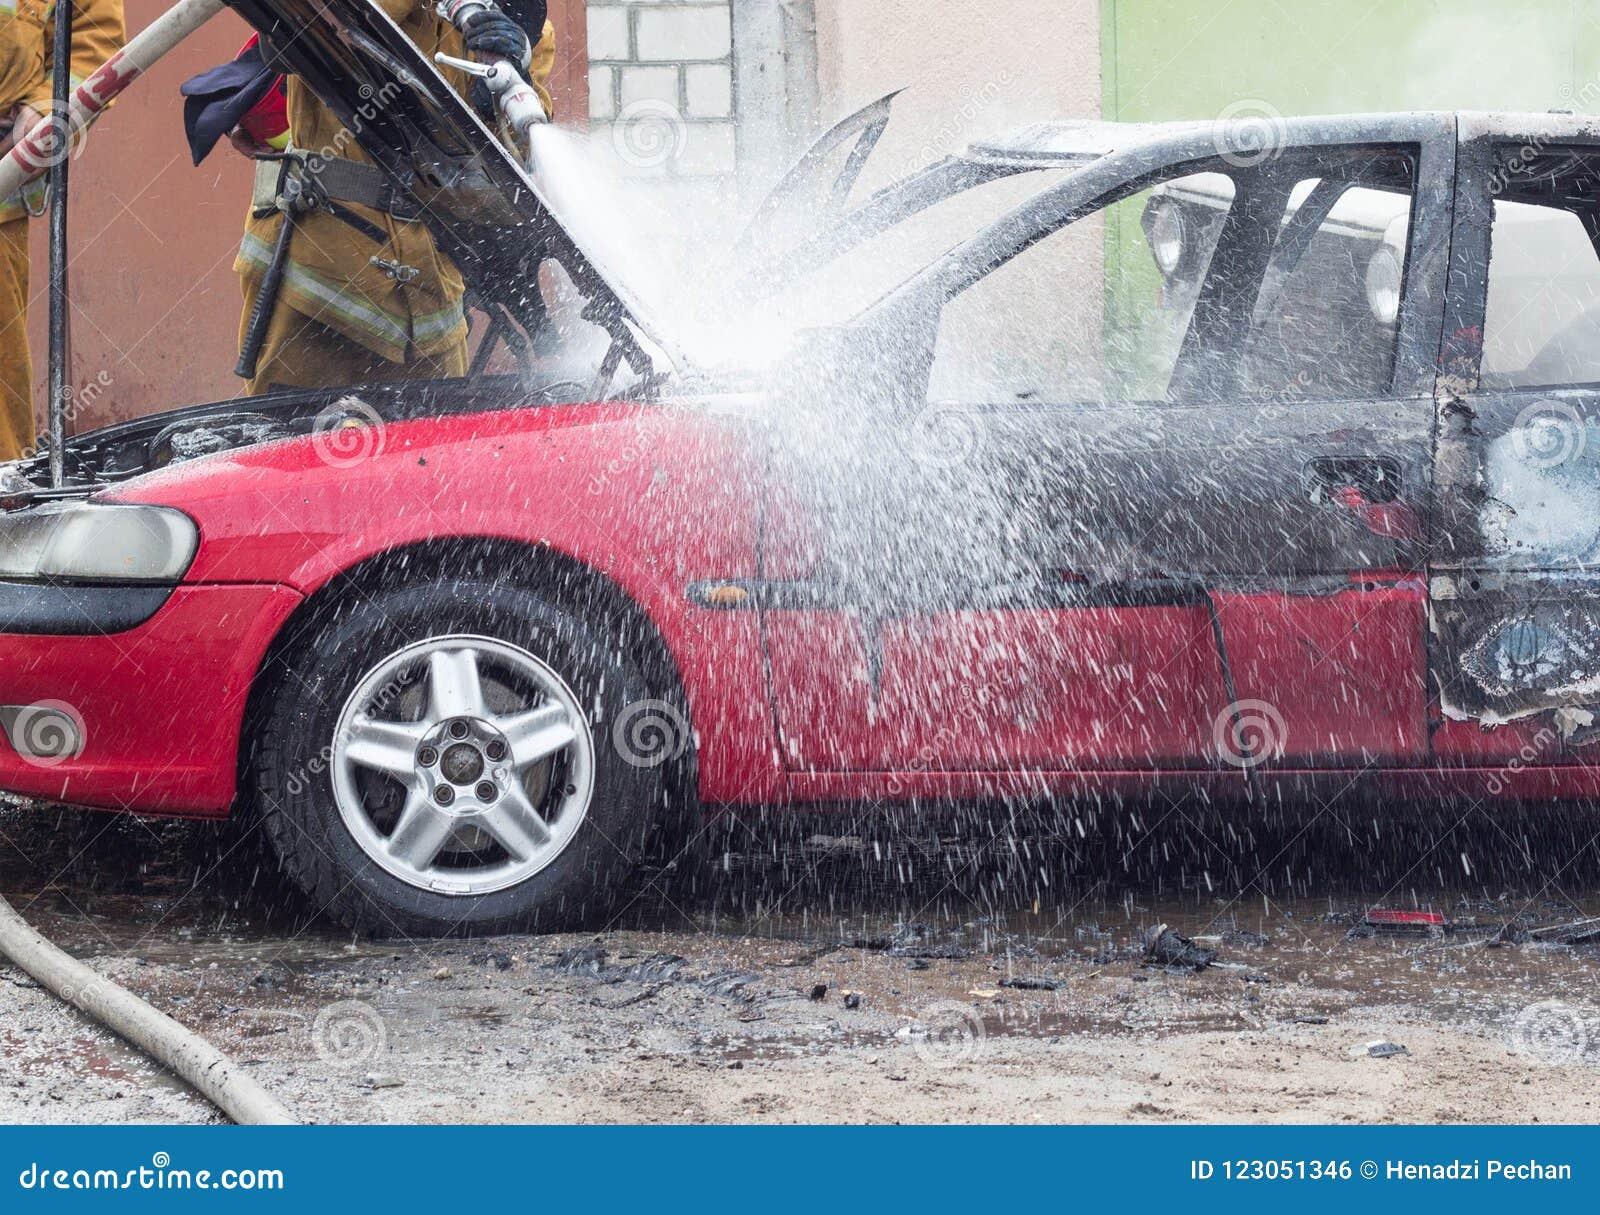 Brandmän släcker en brinnande bil med vatten, avfyrar, släcker